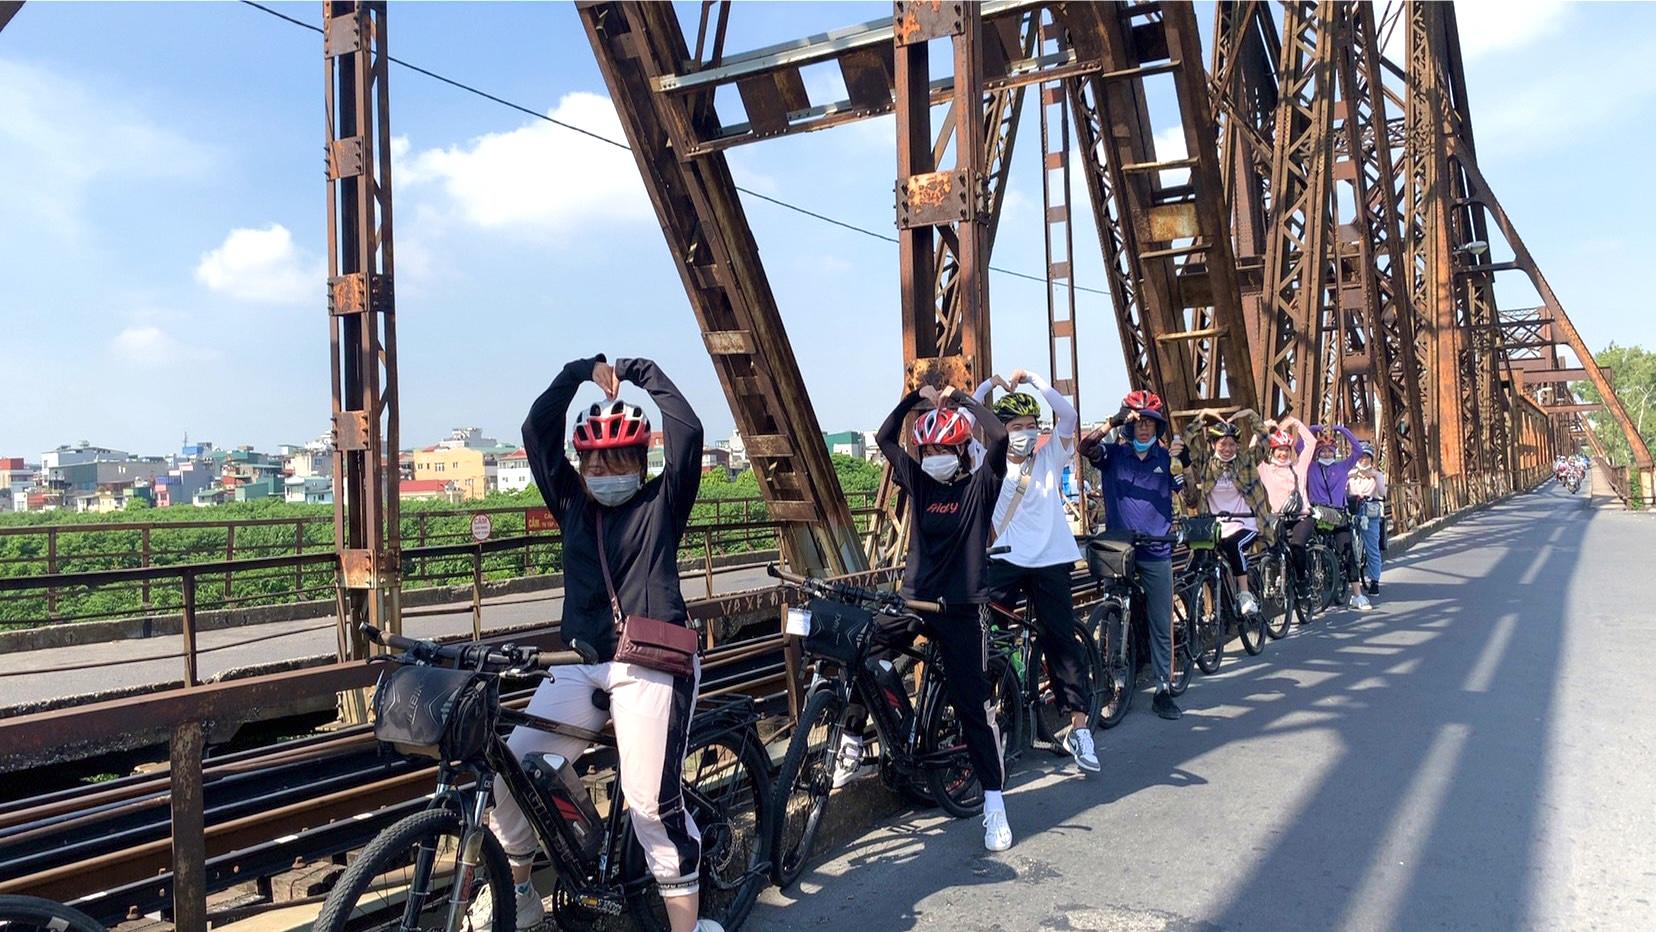 Tour đạp xe tại Hà Nội. Ảnh: Vietfoot Travel